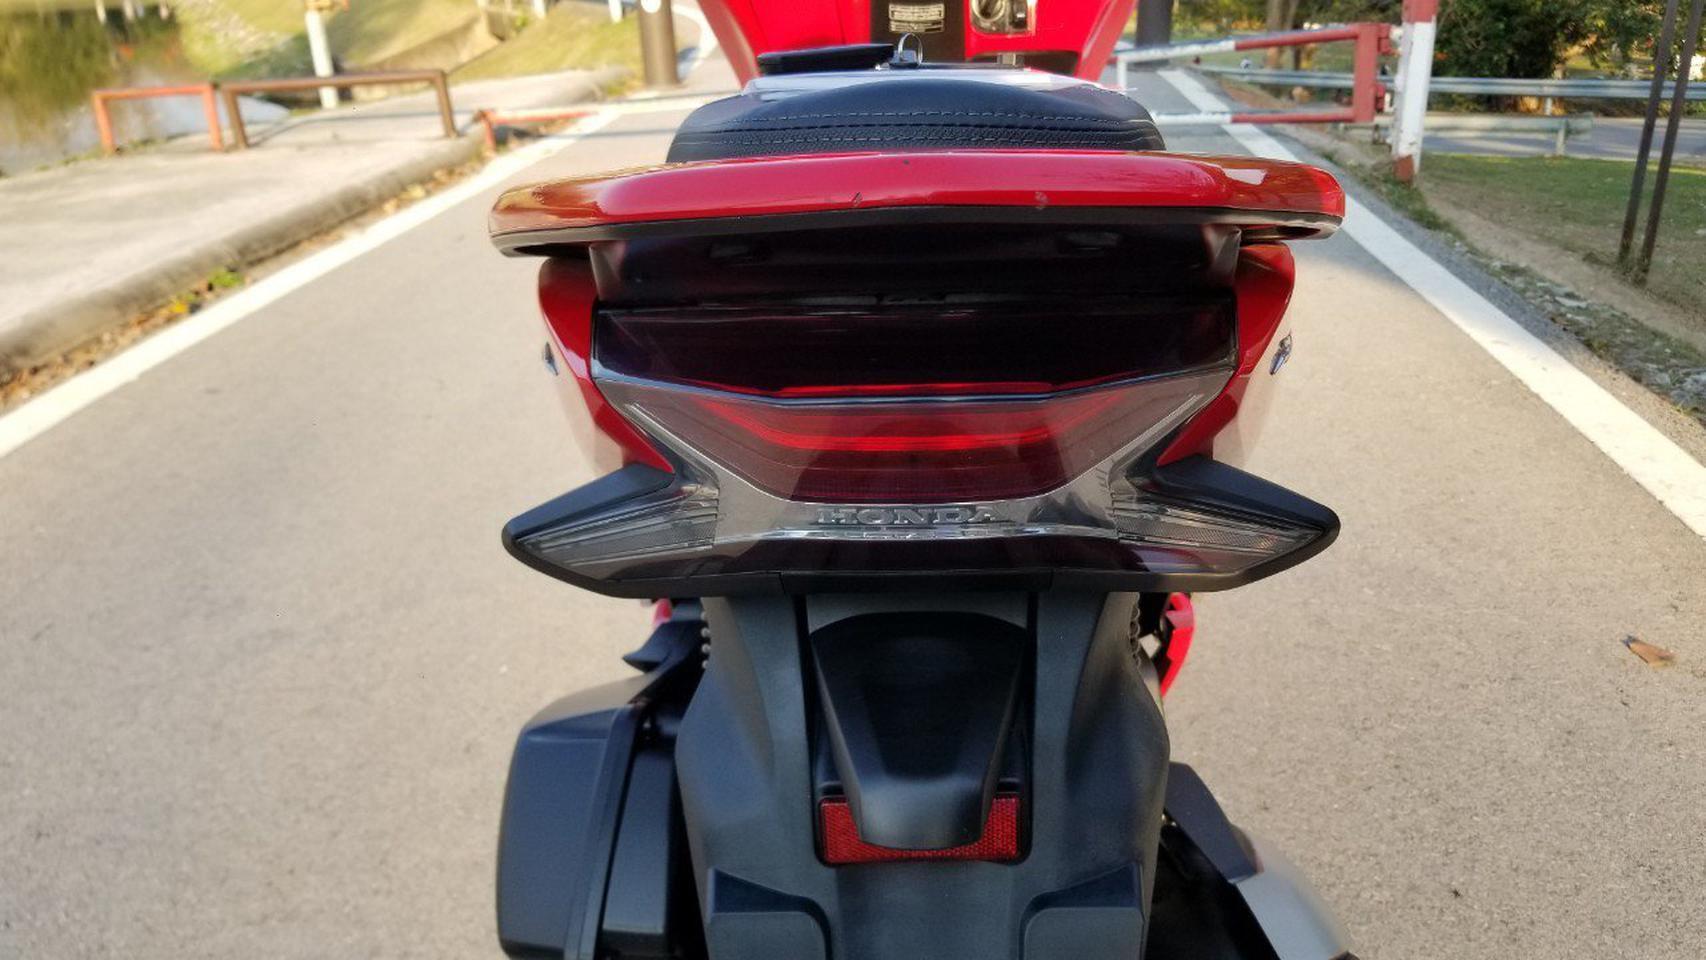 ขาย Honda New PCX 150 ปี 2020 รูปที่ 6